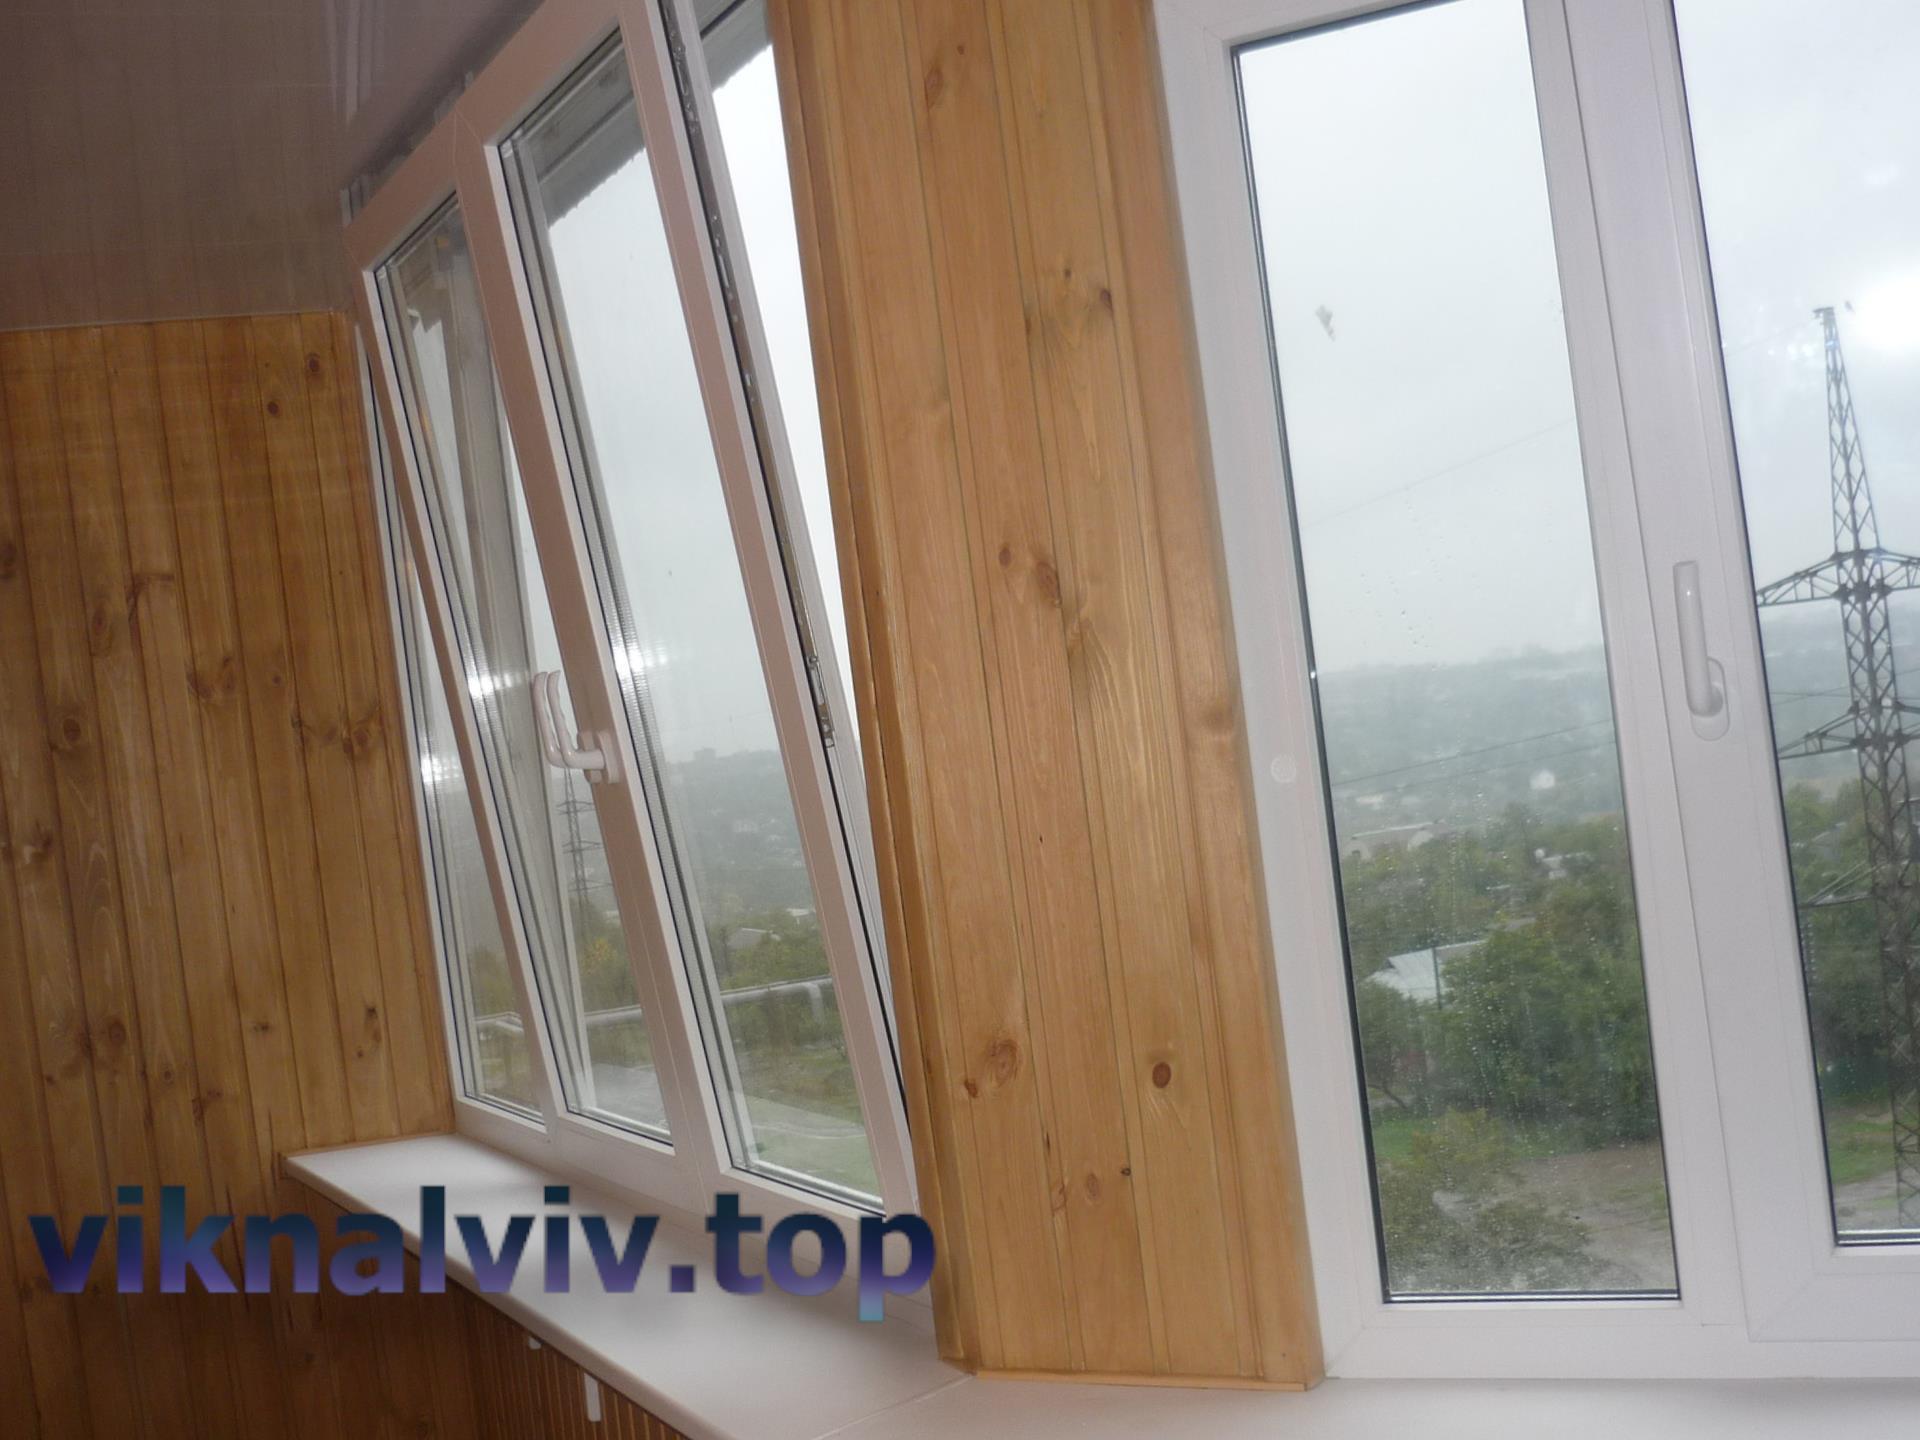 Як правильно вибрати металопластикові вікна - 10 головних правил ... f9c2743c3a067